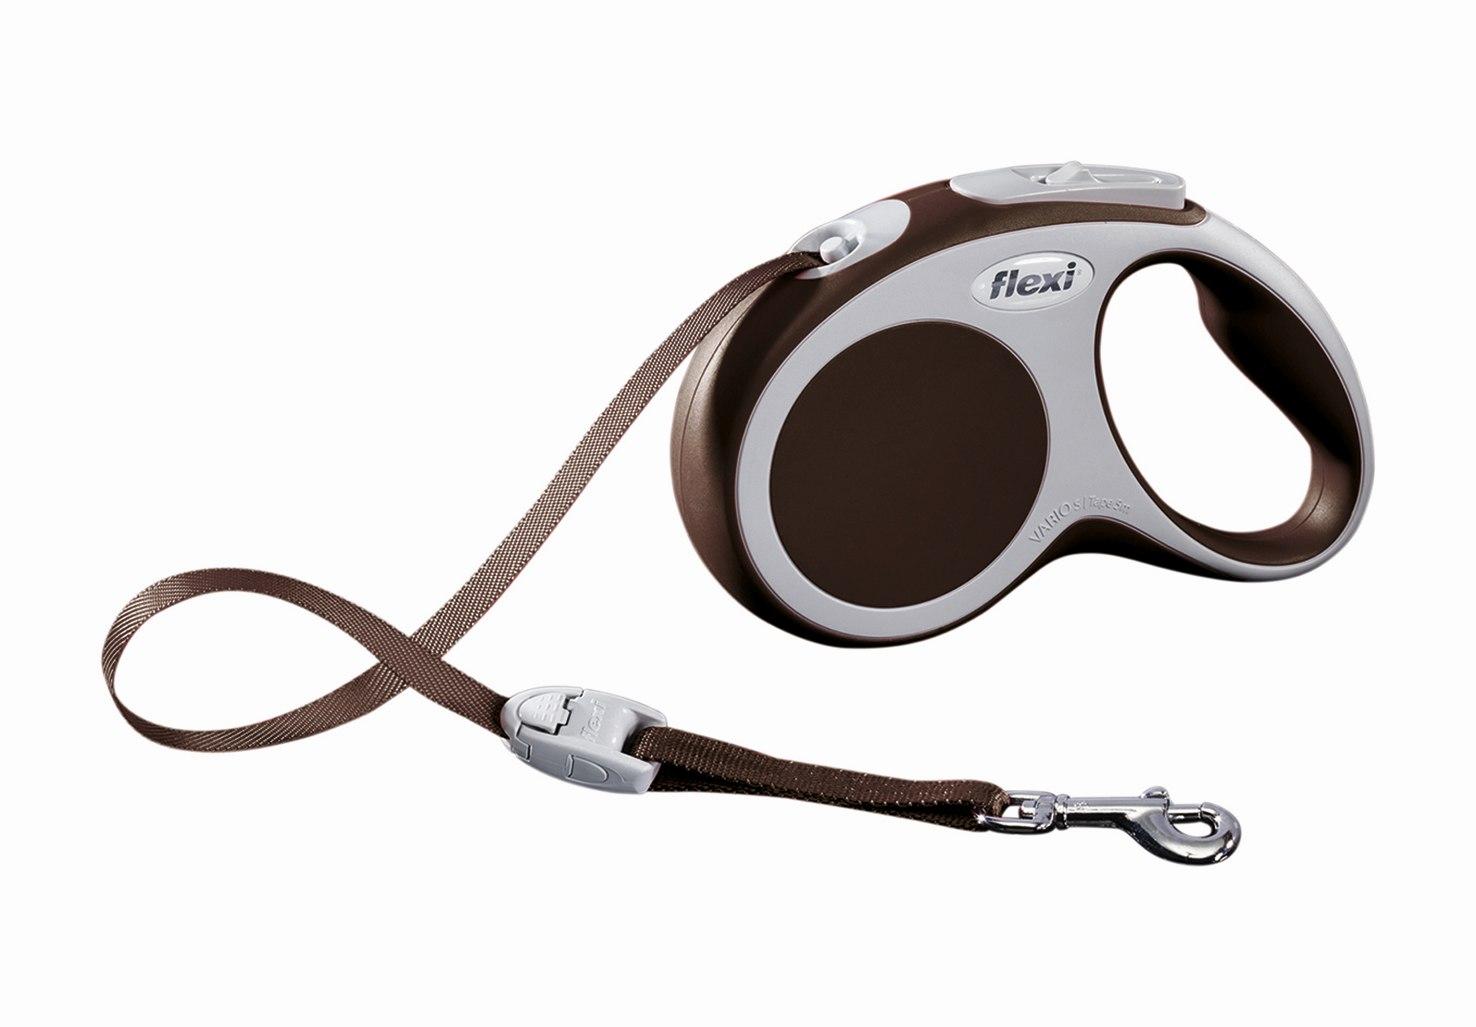 Поводок-рулетка Flexi Vario Compact S для собак до 15 кг, цвет: коричневый, 5 м019931Поводок-рулетка Flexi Vario Compact S изготовлен из пластика и нейлона. Ленточный поводок обеспечивает каждой собаке свободу движения, что идет на пользу здоровью и радует вашего четвероногого друга. Рулетка очень проста в использовании, оснащена кнопками кратковременной и постоянной фиксации. Ее можно оснастить - мультибоксом для лакомств или пакетиков для сбора фекалий, LED подсветкой корпуса, своркой или ремнем с LED подсветкой. Поводок имеет прочный корпус, хромированную застежку и светоотражающие элементы. Длина поводка: 5 м. Максимальная нагрузка: 15 кг. Товар сертифицирован.